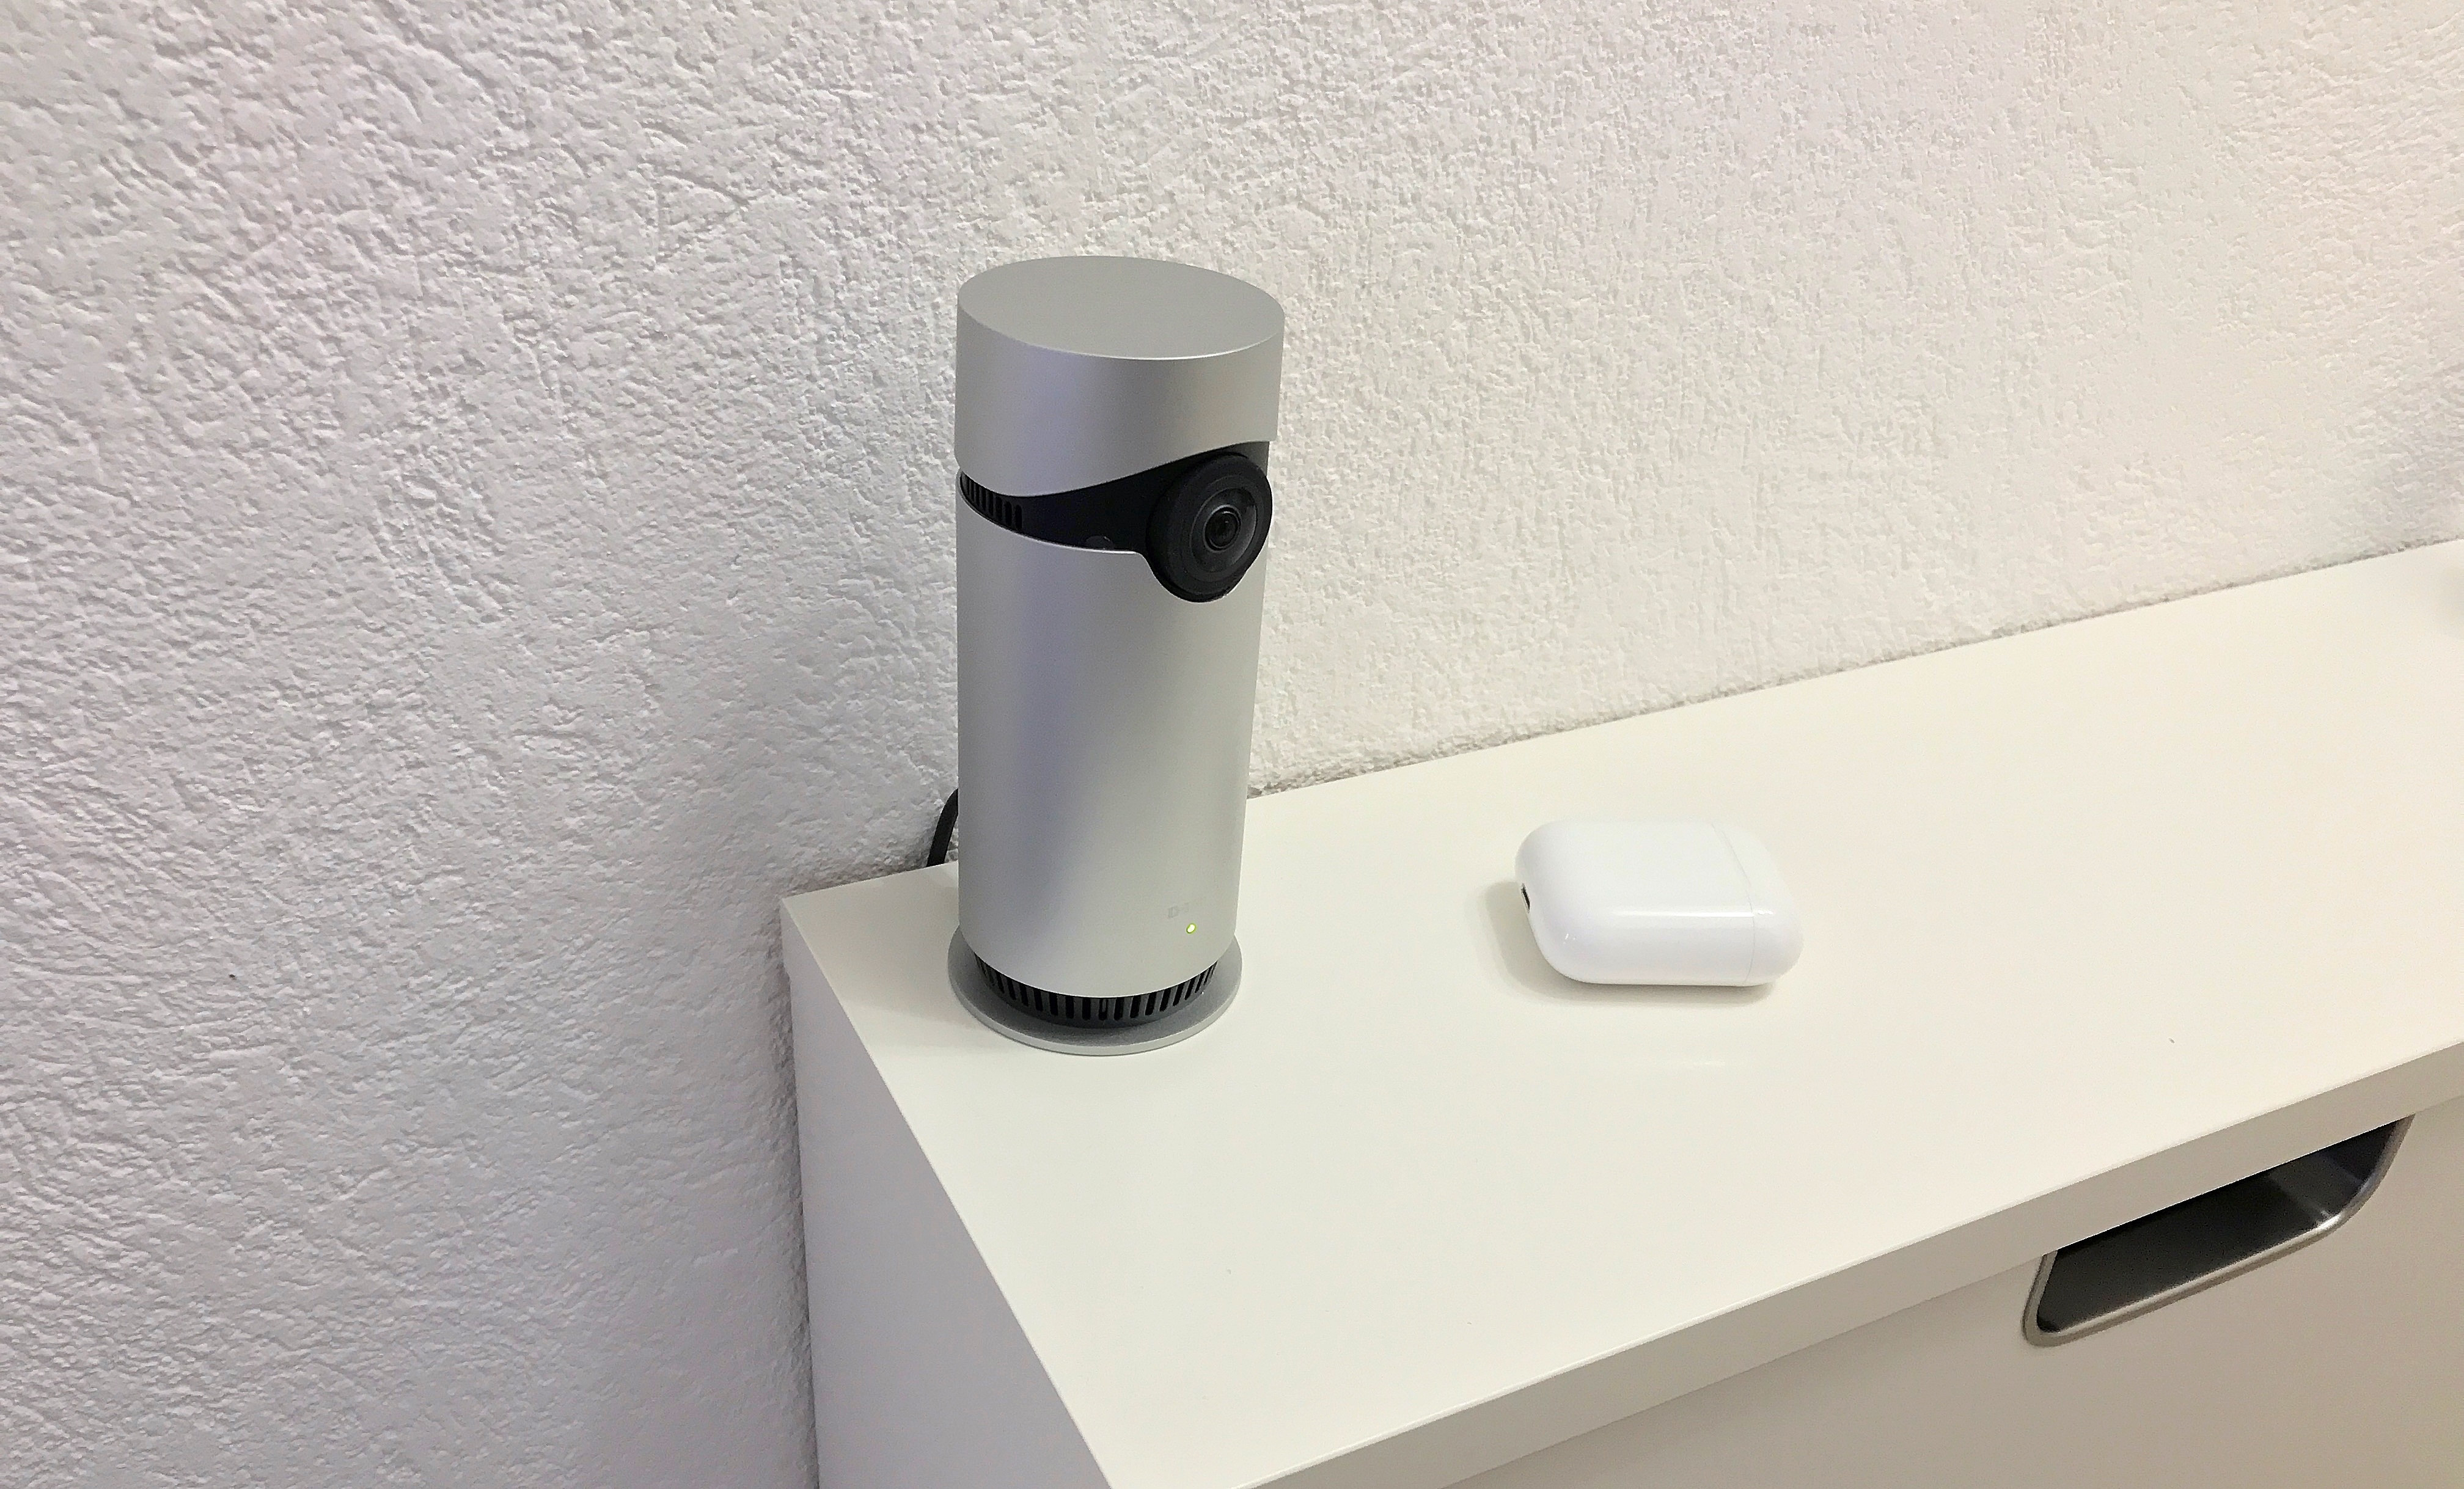 DLink_Omna_HomeKit_Kamera1 Im Test: Omna von D-Link - die erste HomeKit-Überwachungskamera für die Wohnung